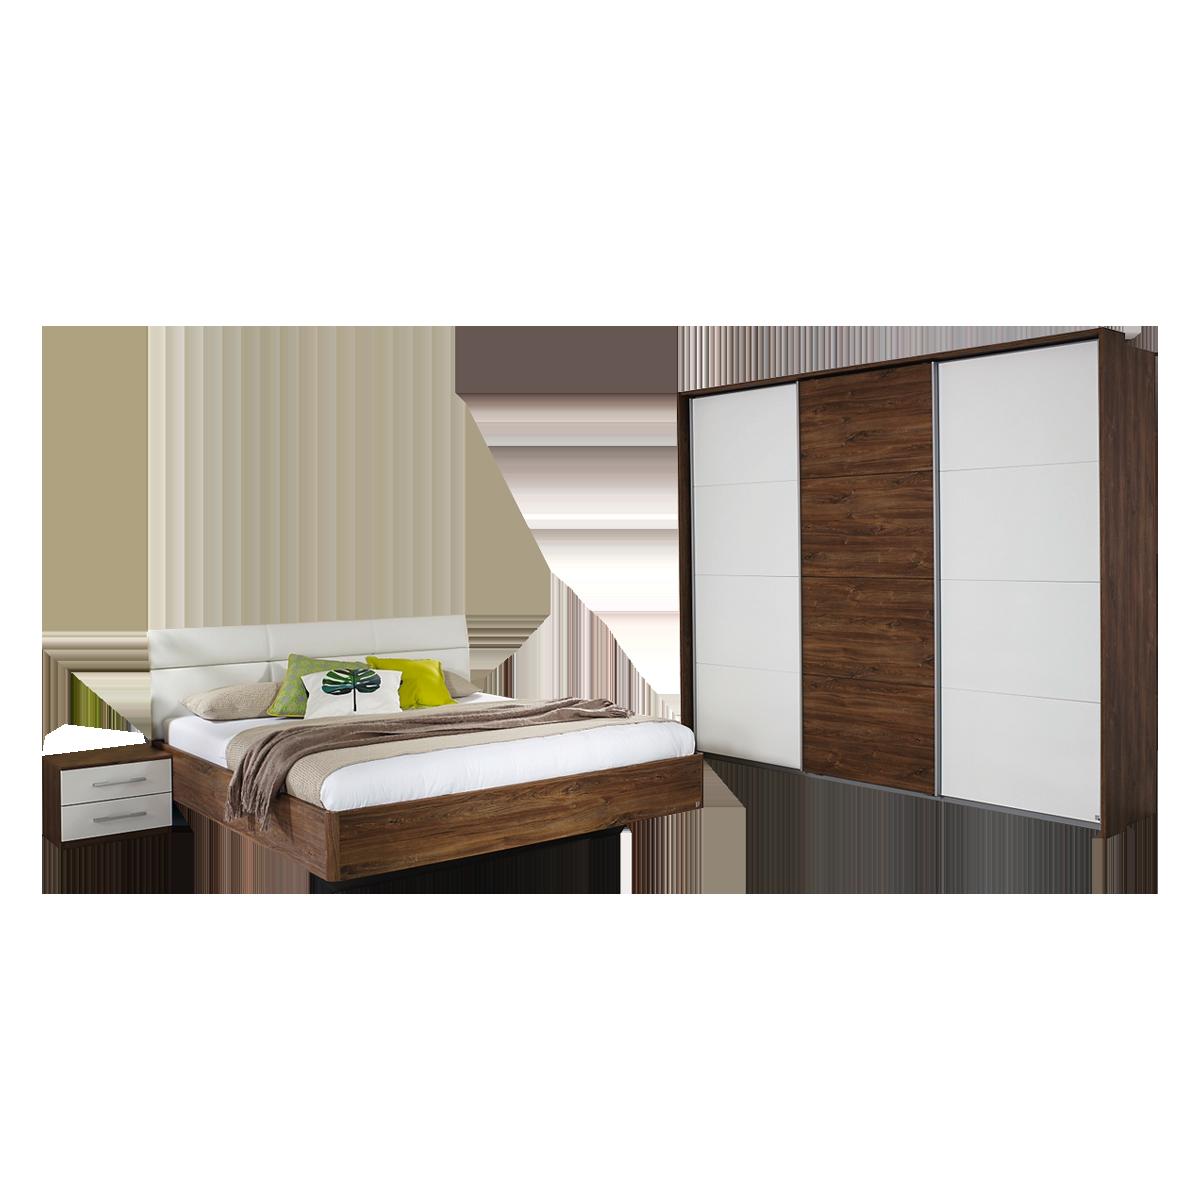 Rauch Packs Kelheim Schlafzimmer 4-teilig bestehend aus Bett  Nachttisch-Paar und Schwebetürenschrank mit Passepartout-Rahmen  Farbausführung ...